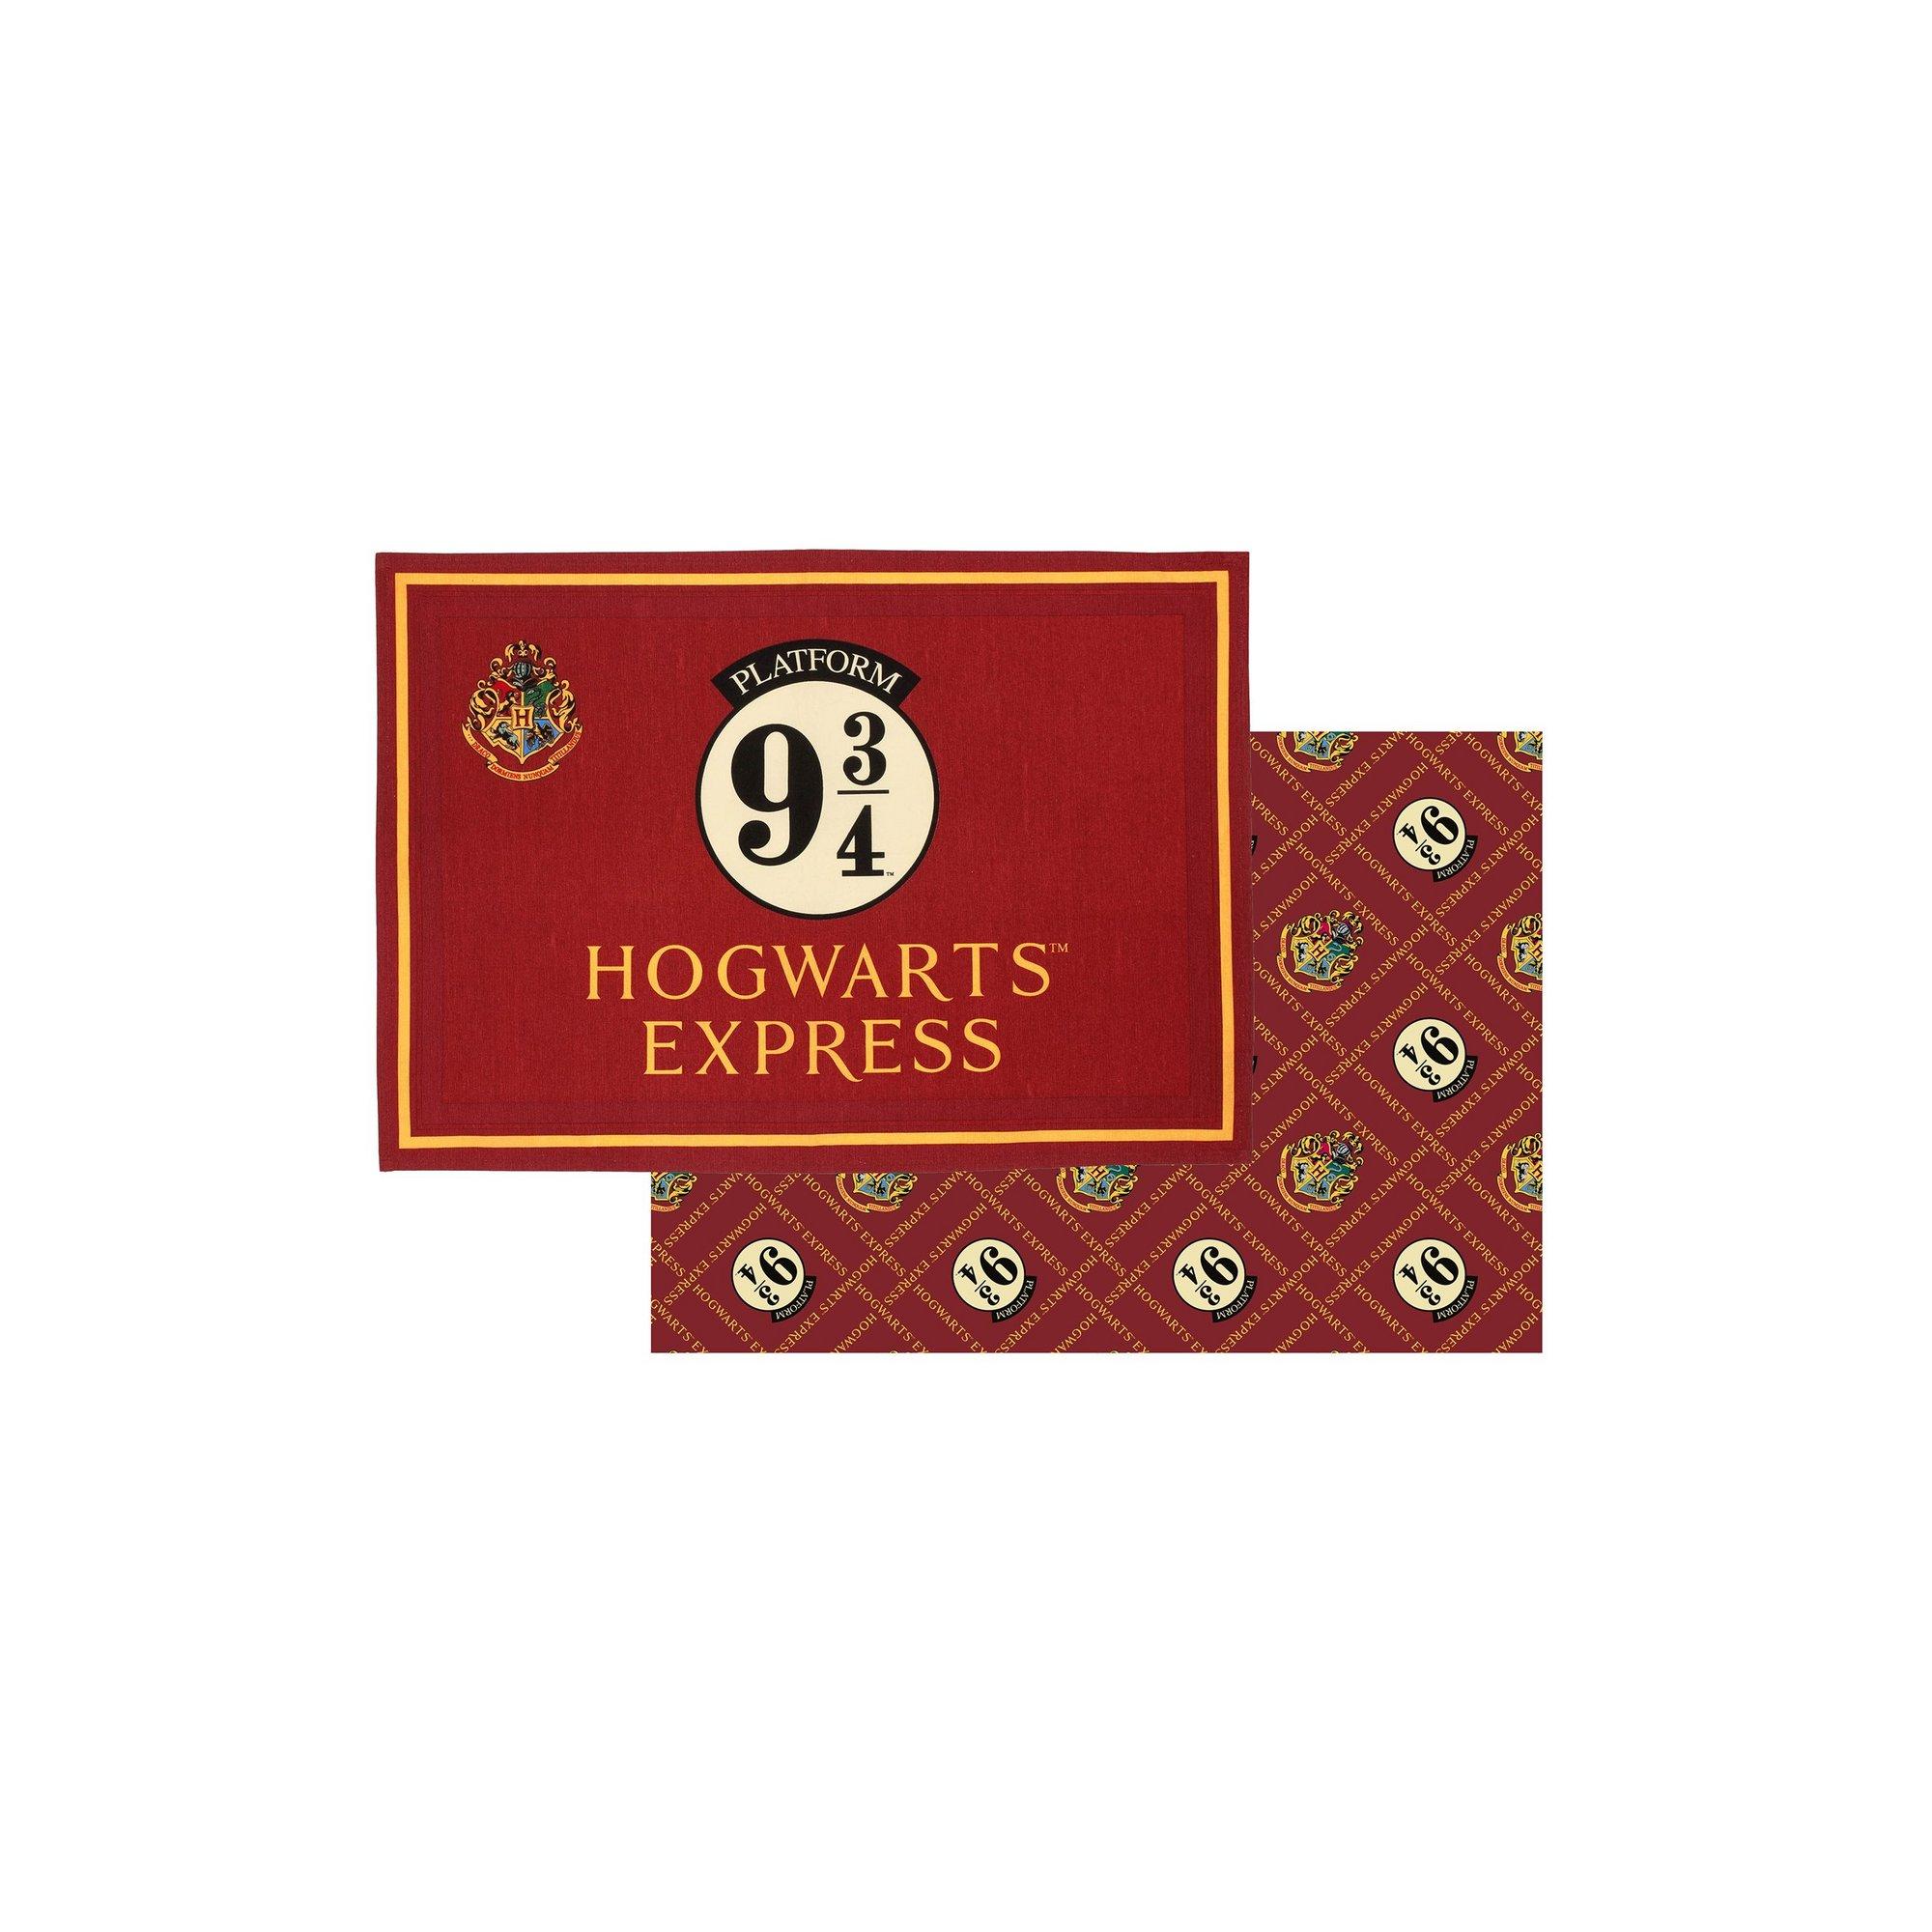 Image of Pack of 2 Harry Potter Platform 9 3/4 Tea Towels